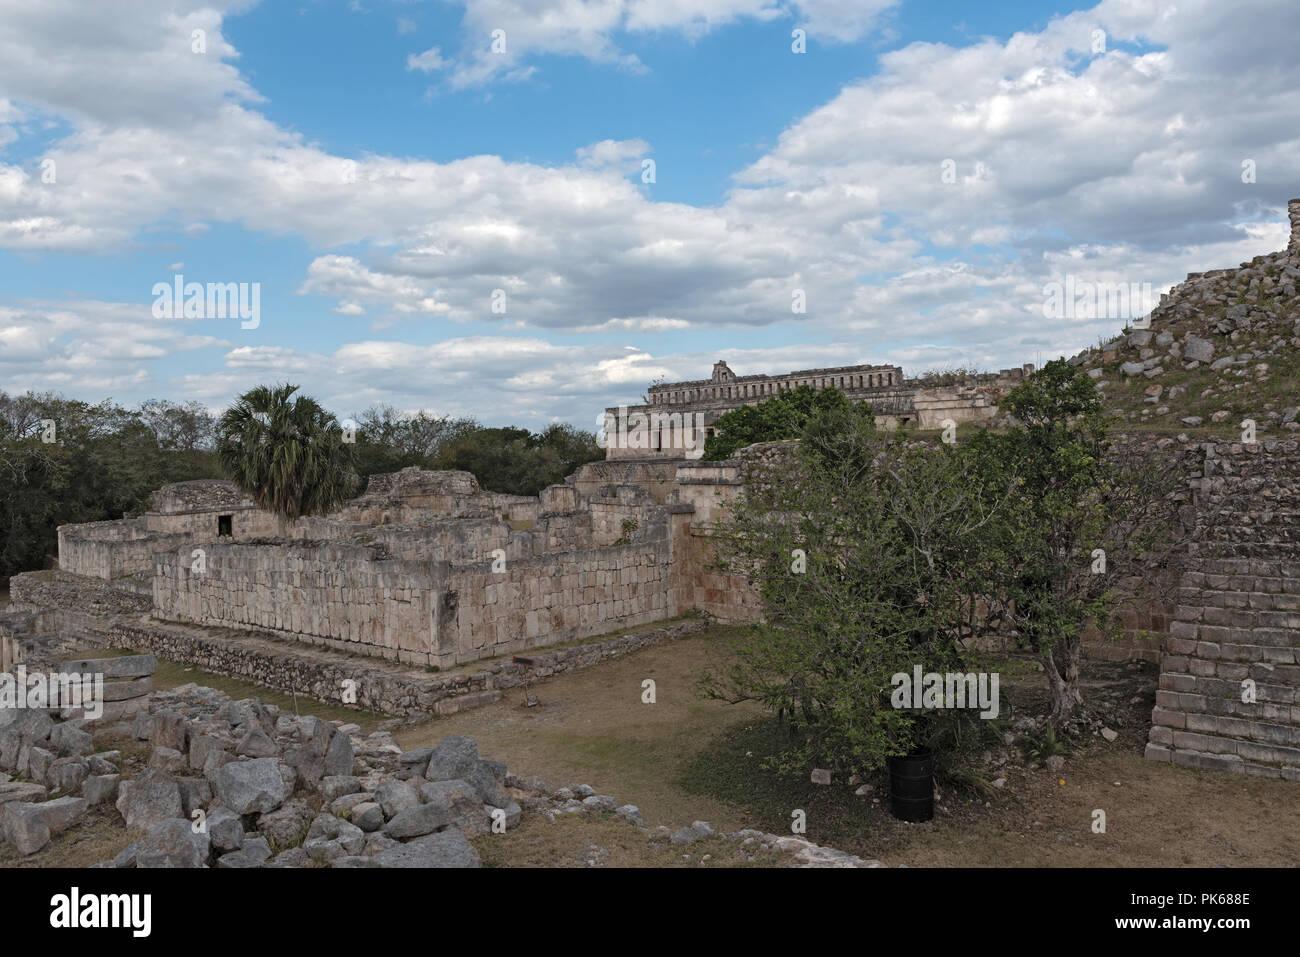 The ruins of the ancient Mayan city of Kabah, Yucatan, Mexico. - Stock Image